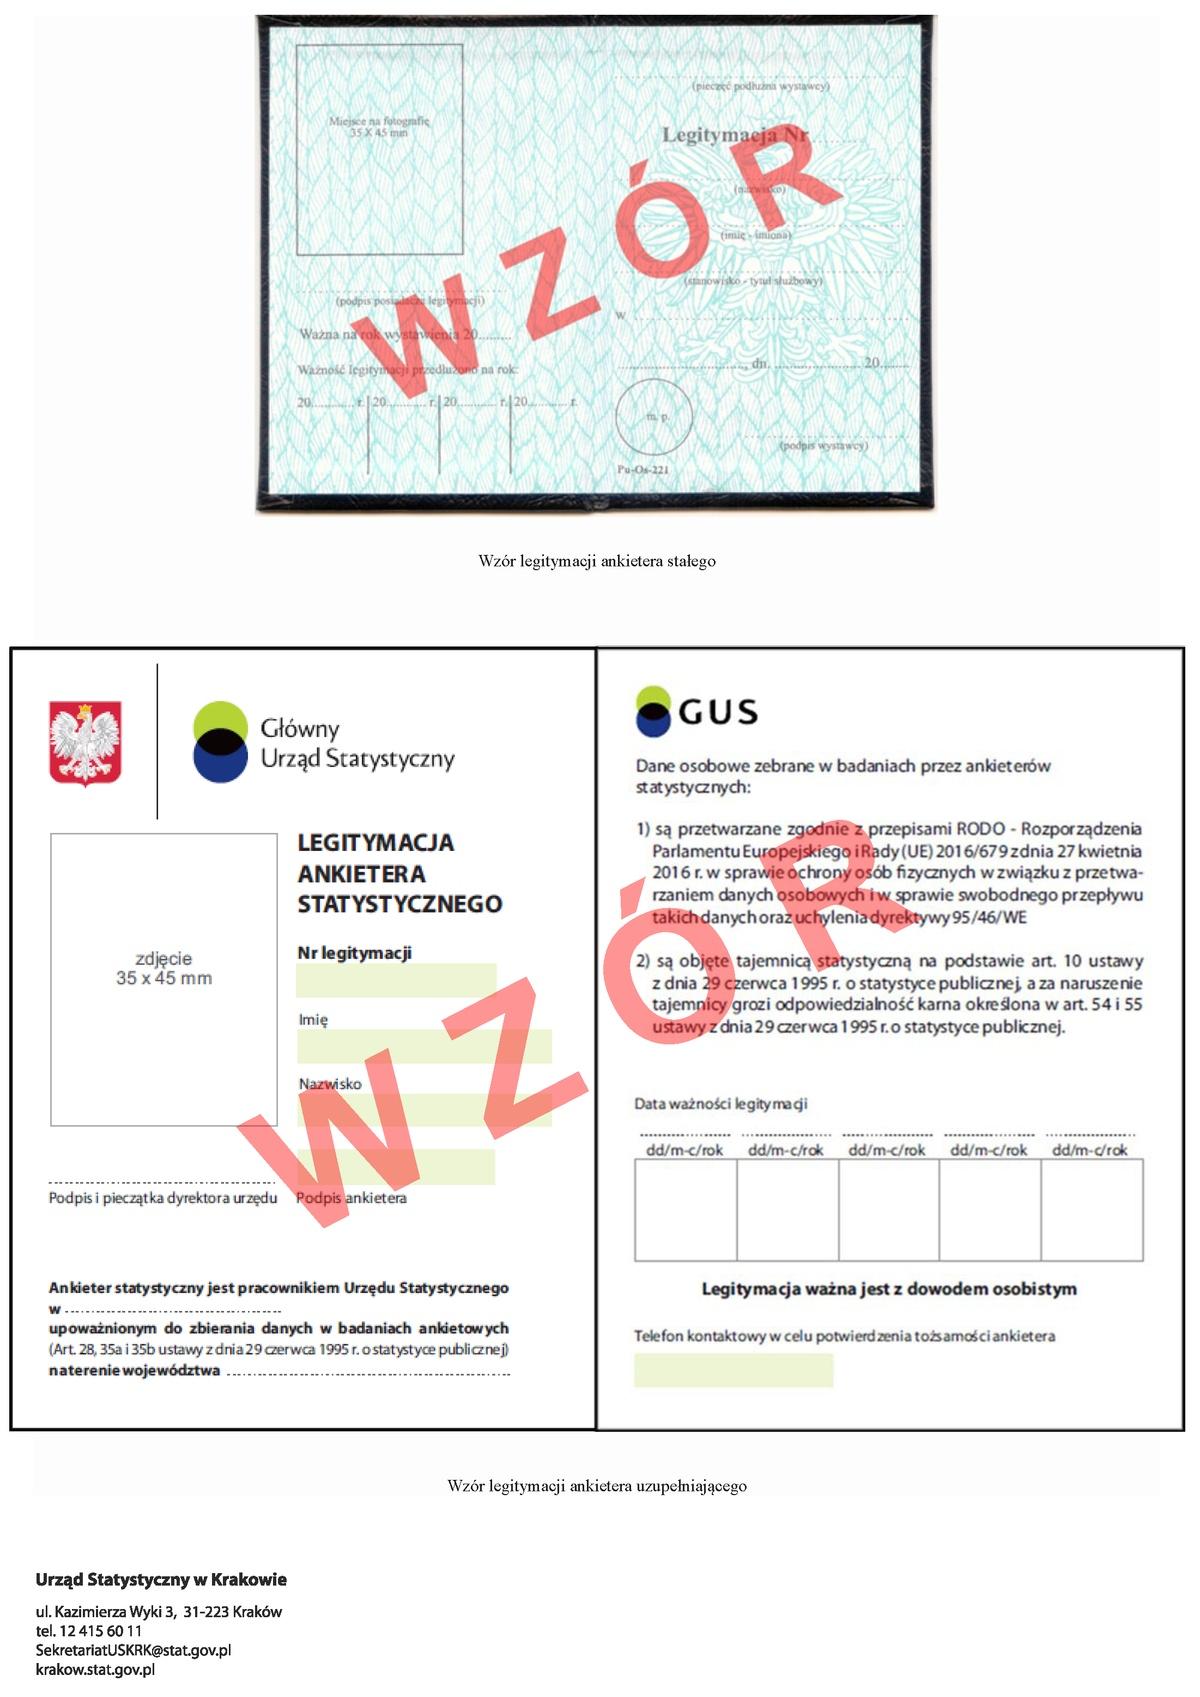 Badania ankietowe naterenie Małopolski - wzór legitymacji